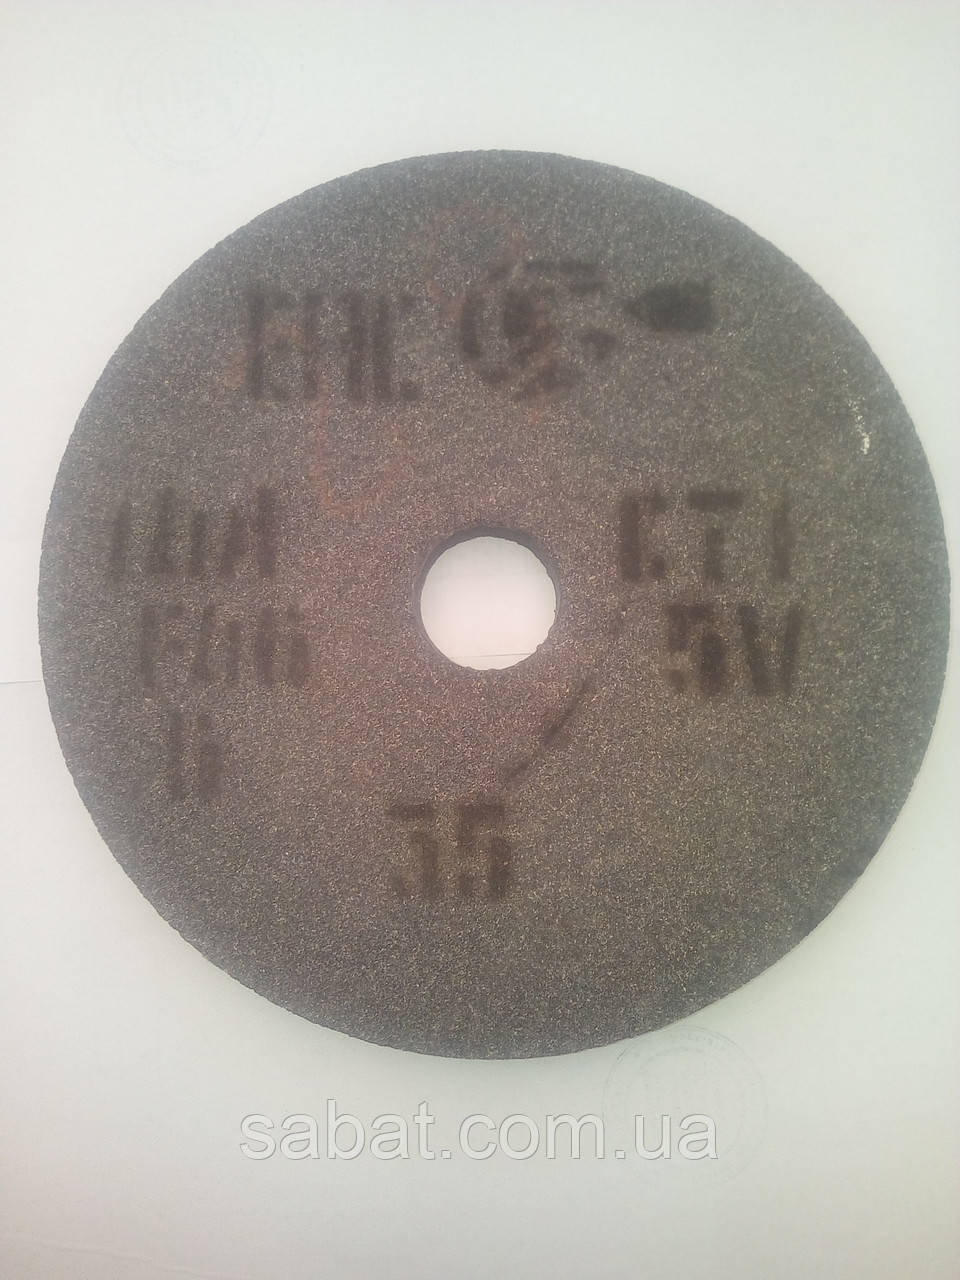 Круг шлифовальный серый 14А F46-80 СТ-СМ 150х20х32